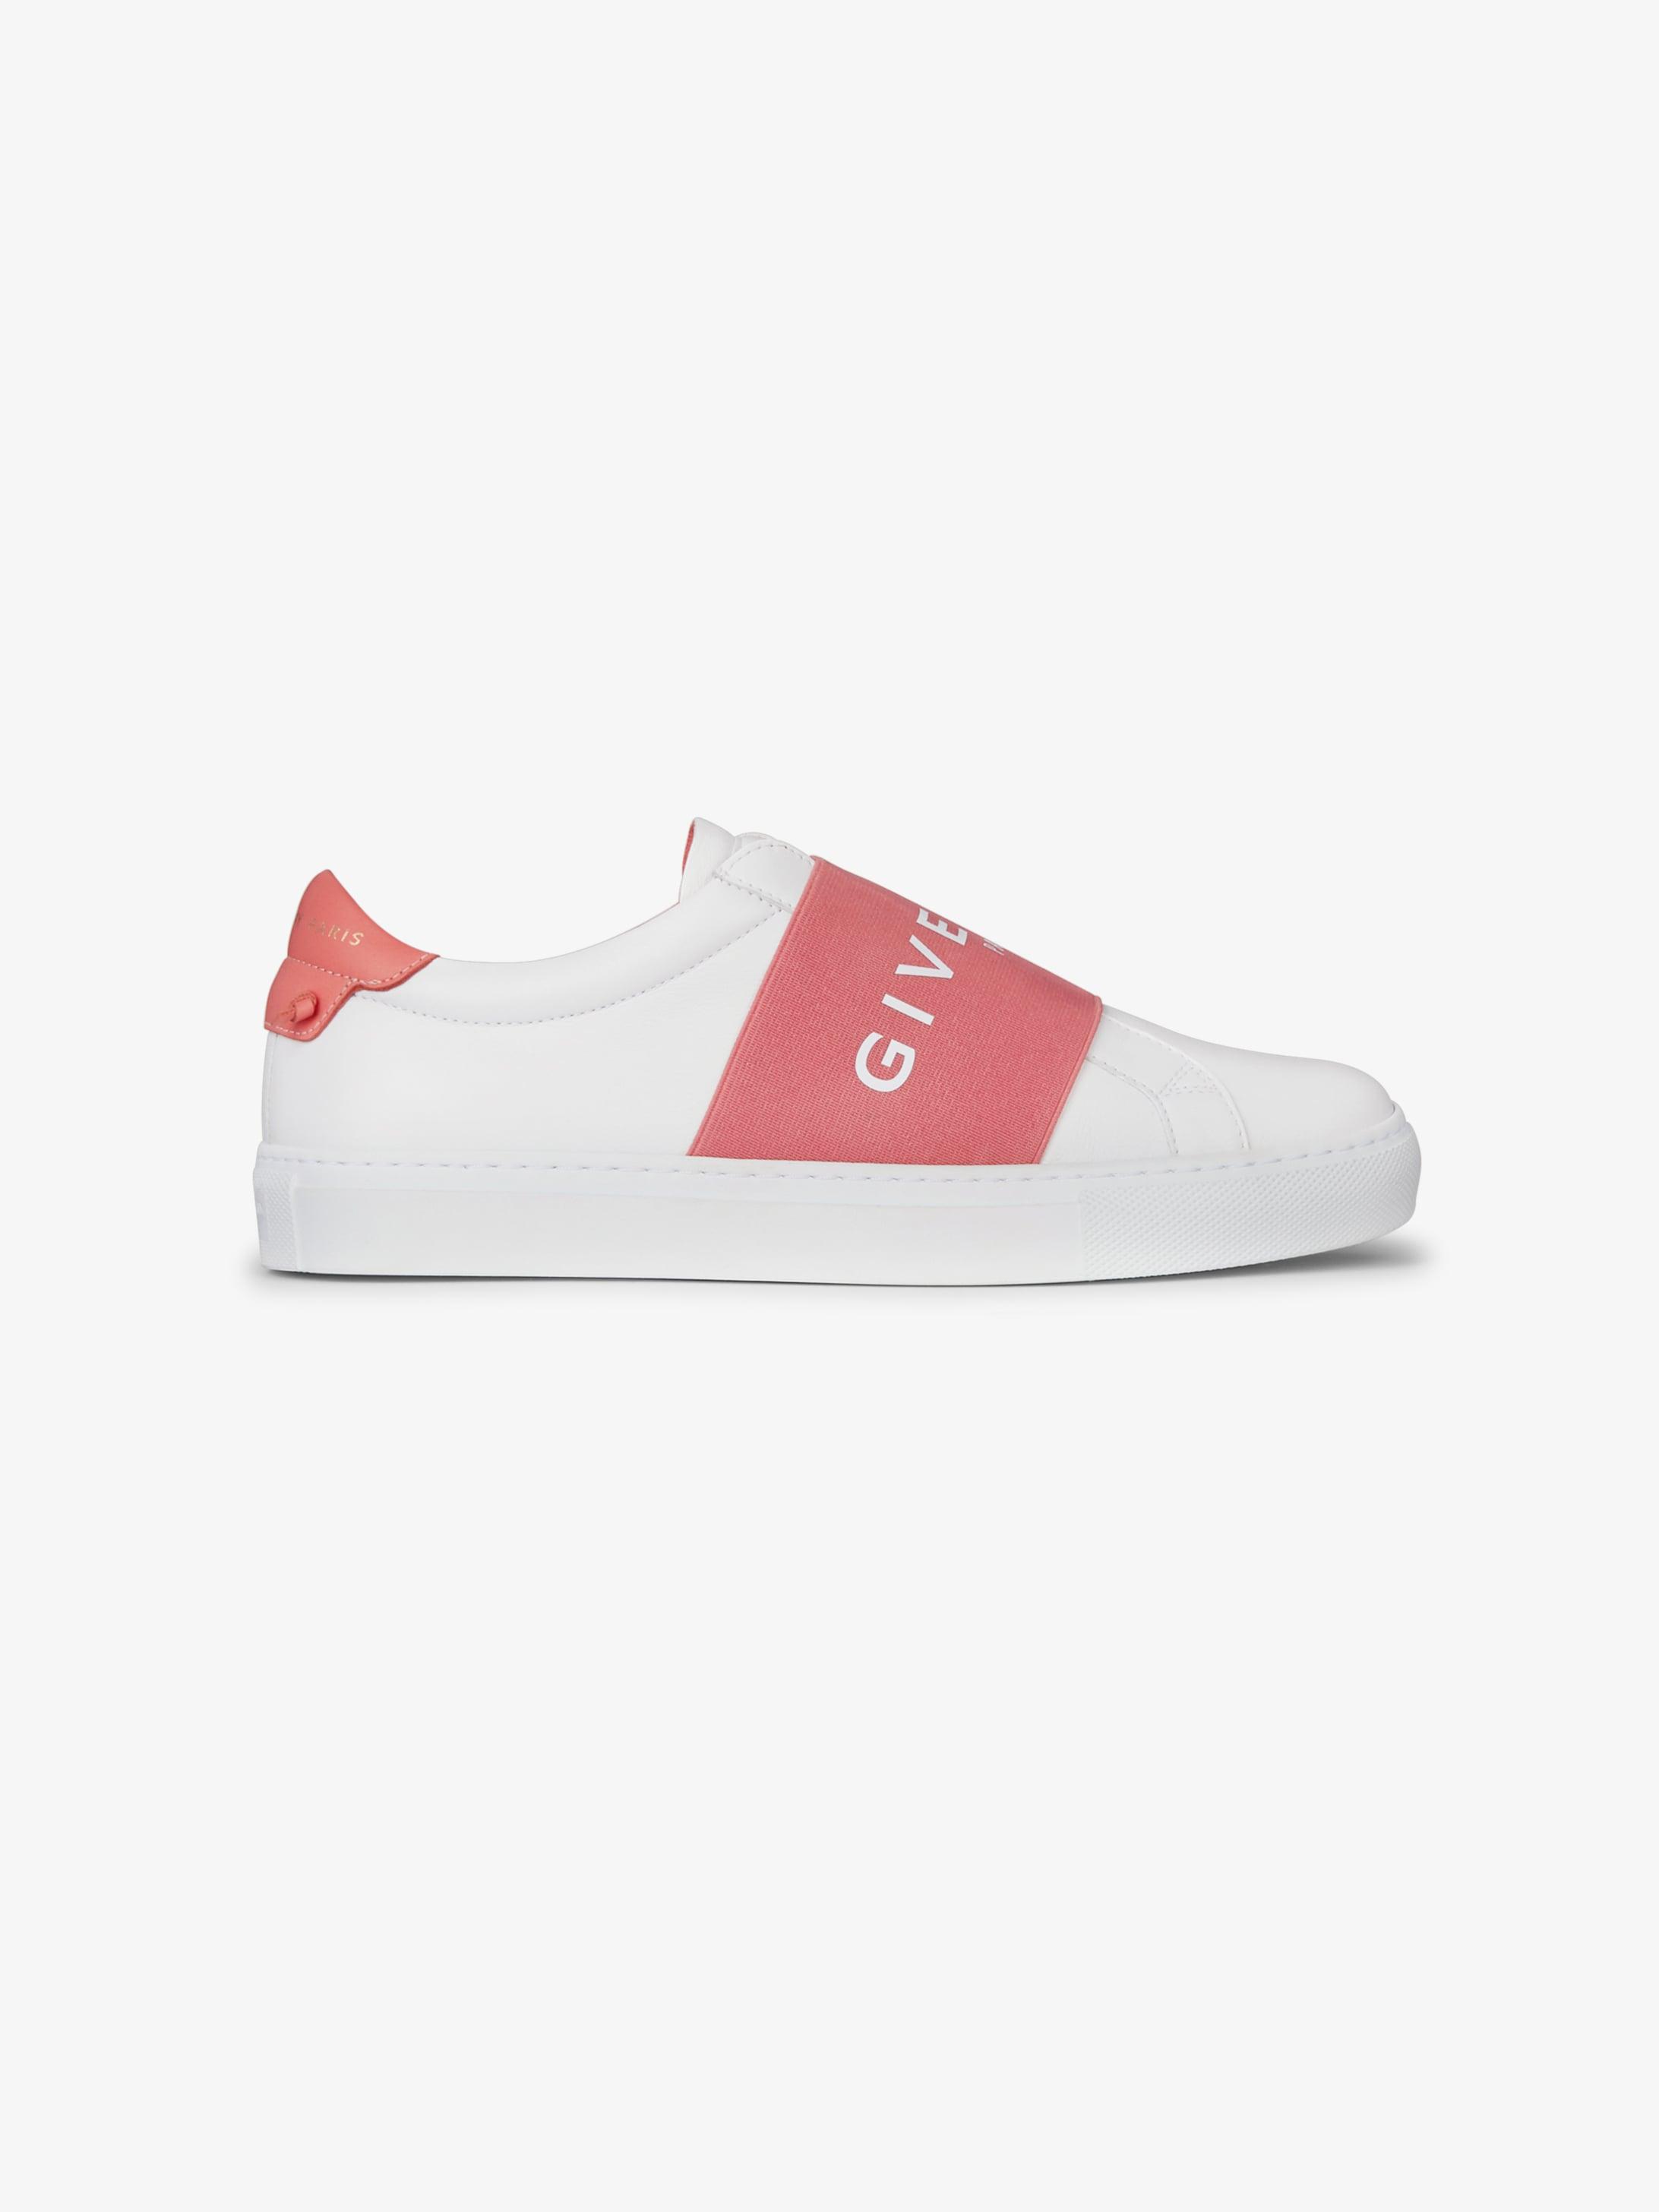 GIVENCHY PARIS织带皮革运动鞋